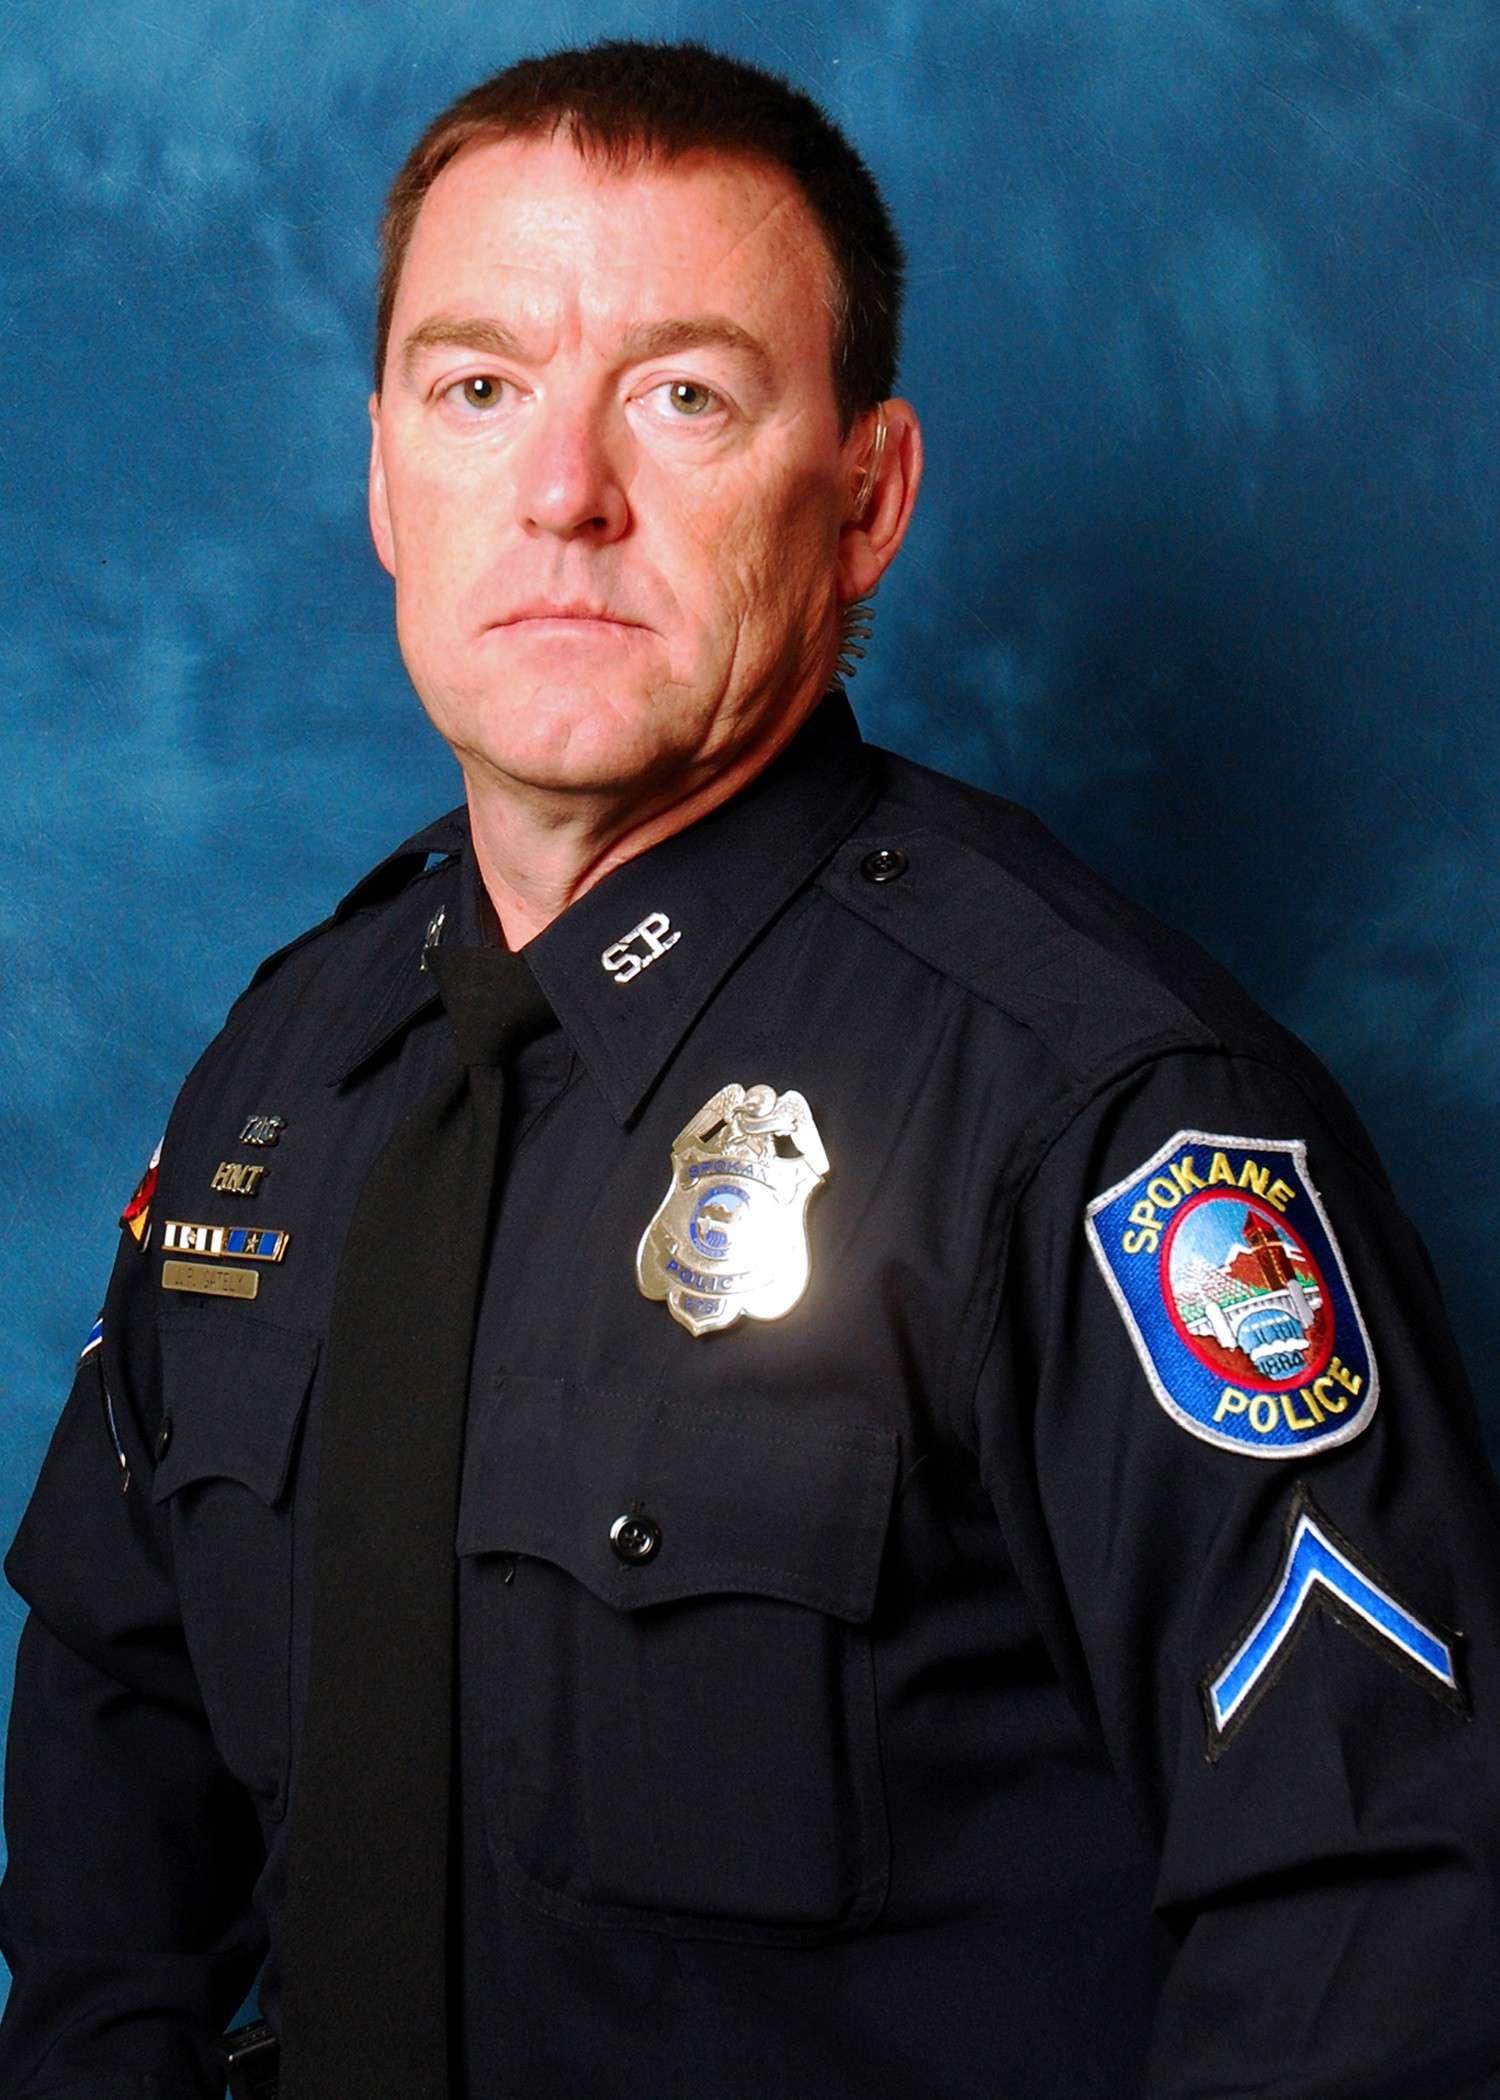 Sgt. John Gately